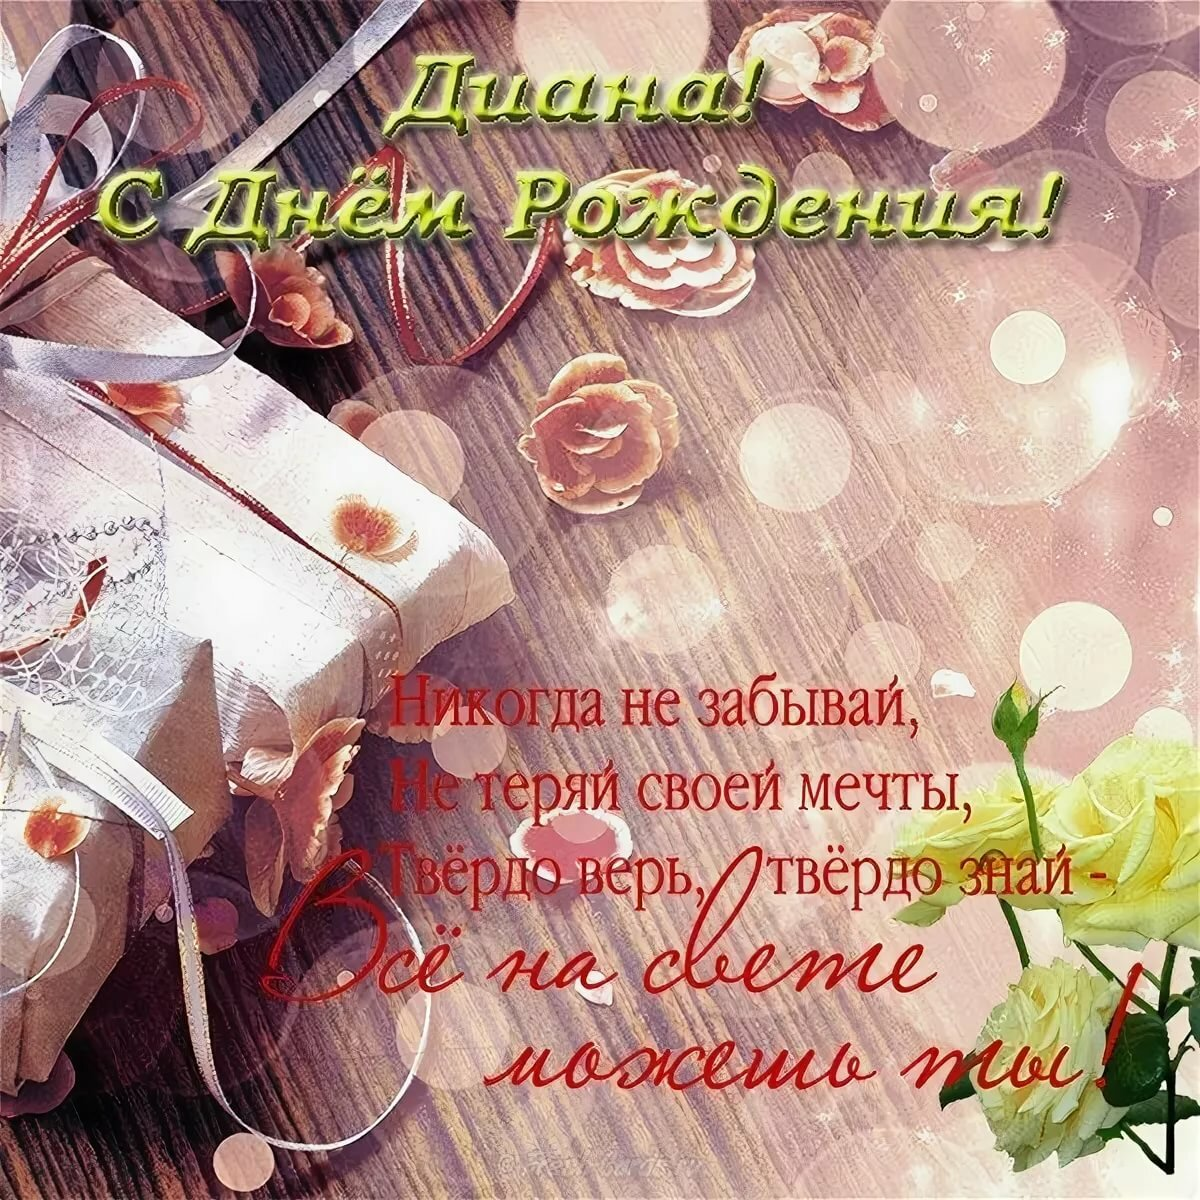 открытка ко дню рождения к имени диана эскиз